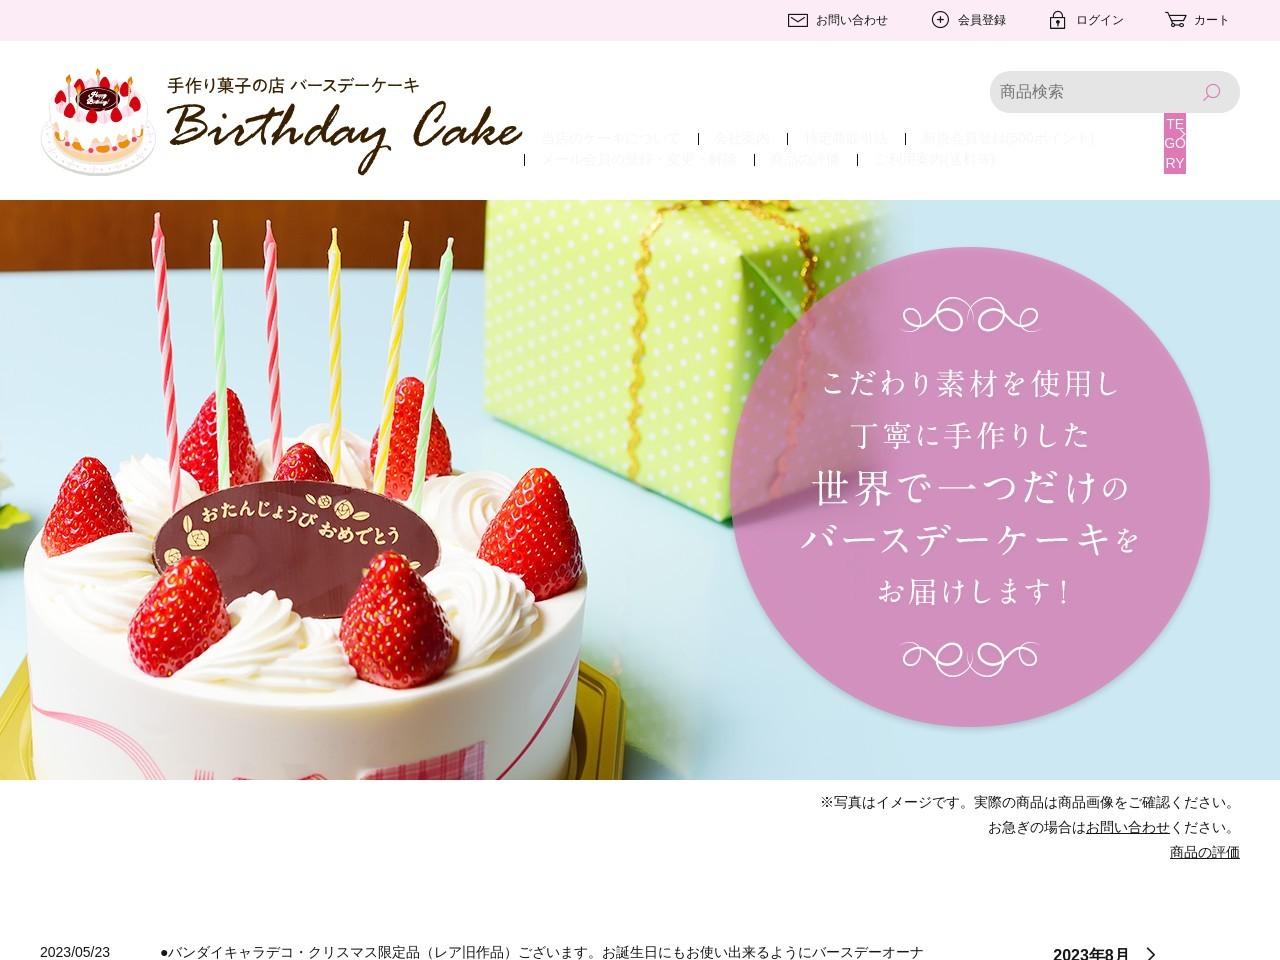 バースデーケーキ洋菓子店